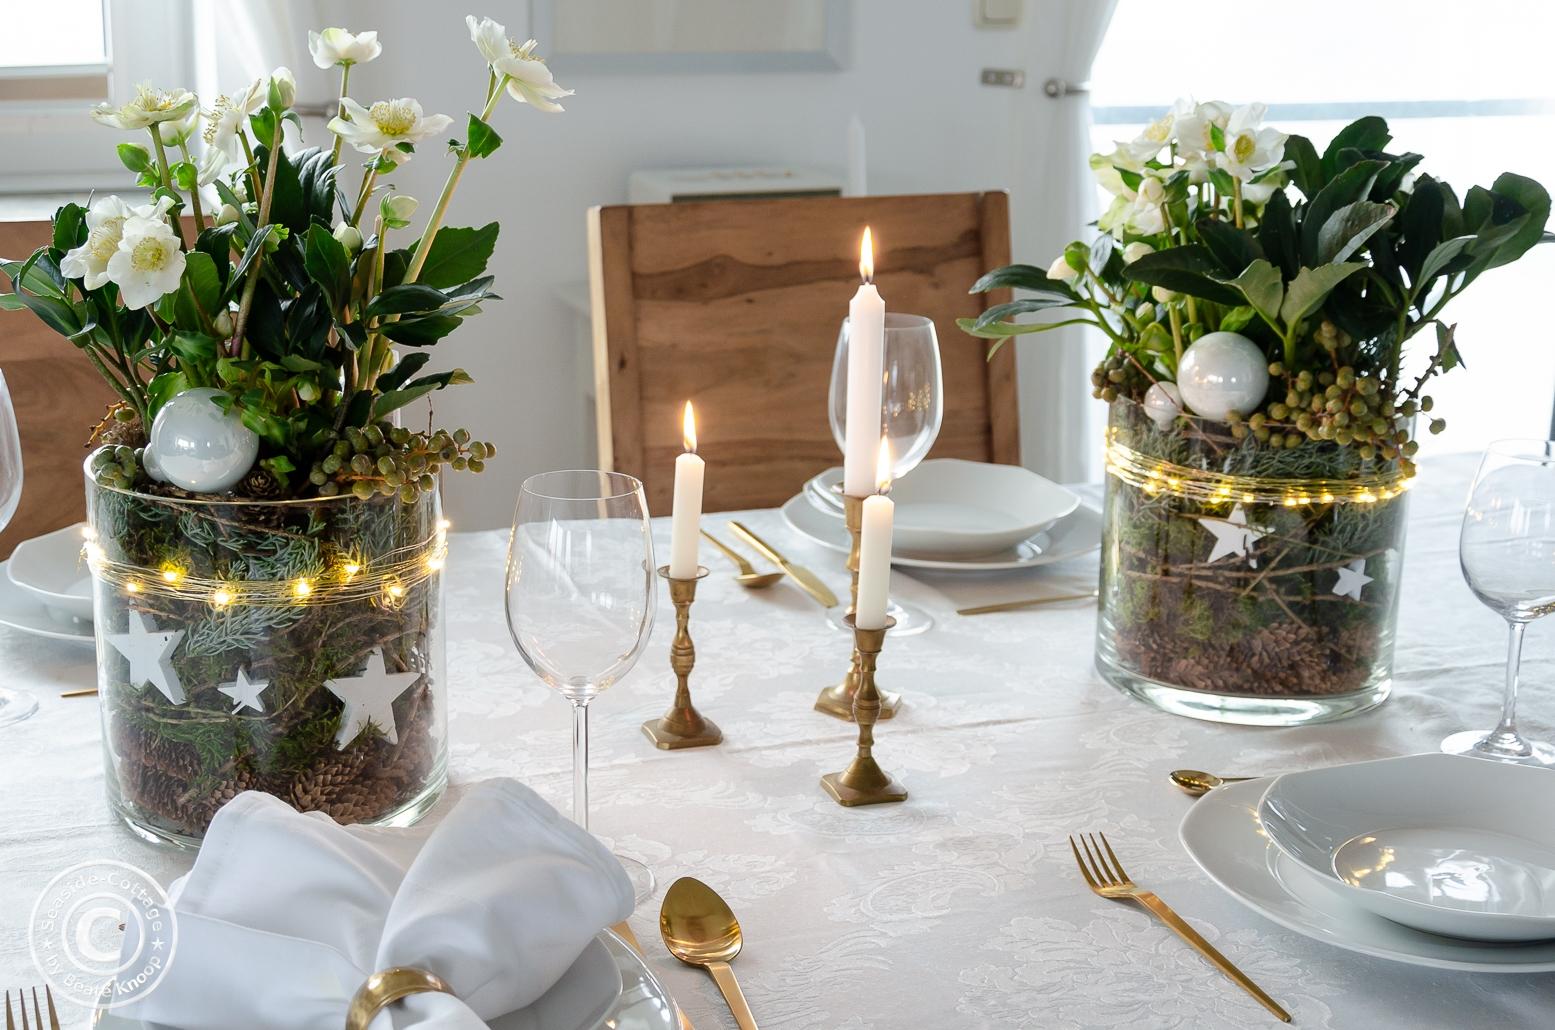 Christrosen weihnachtliche im großen Glas dekoriert